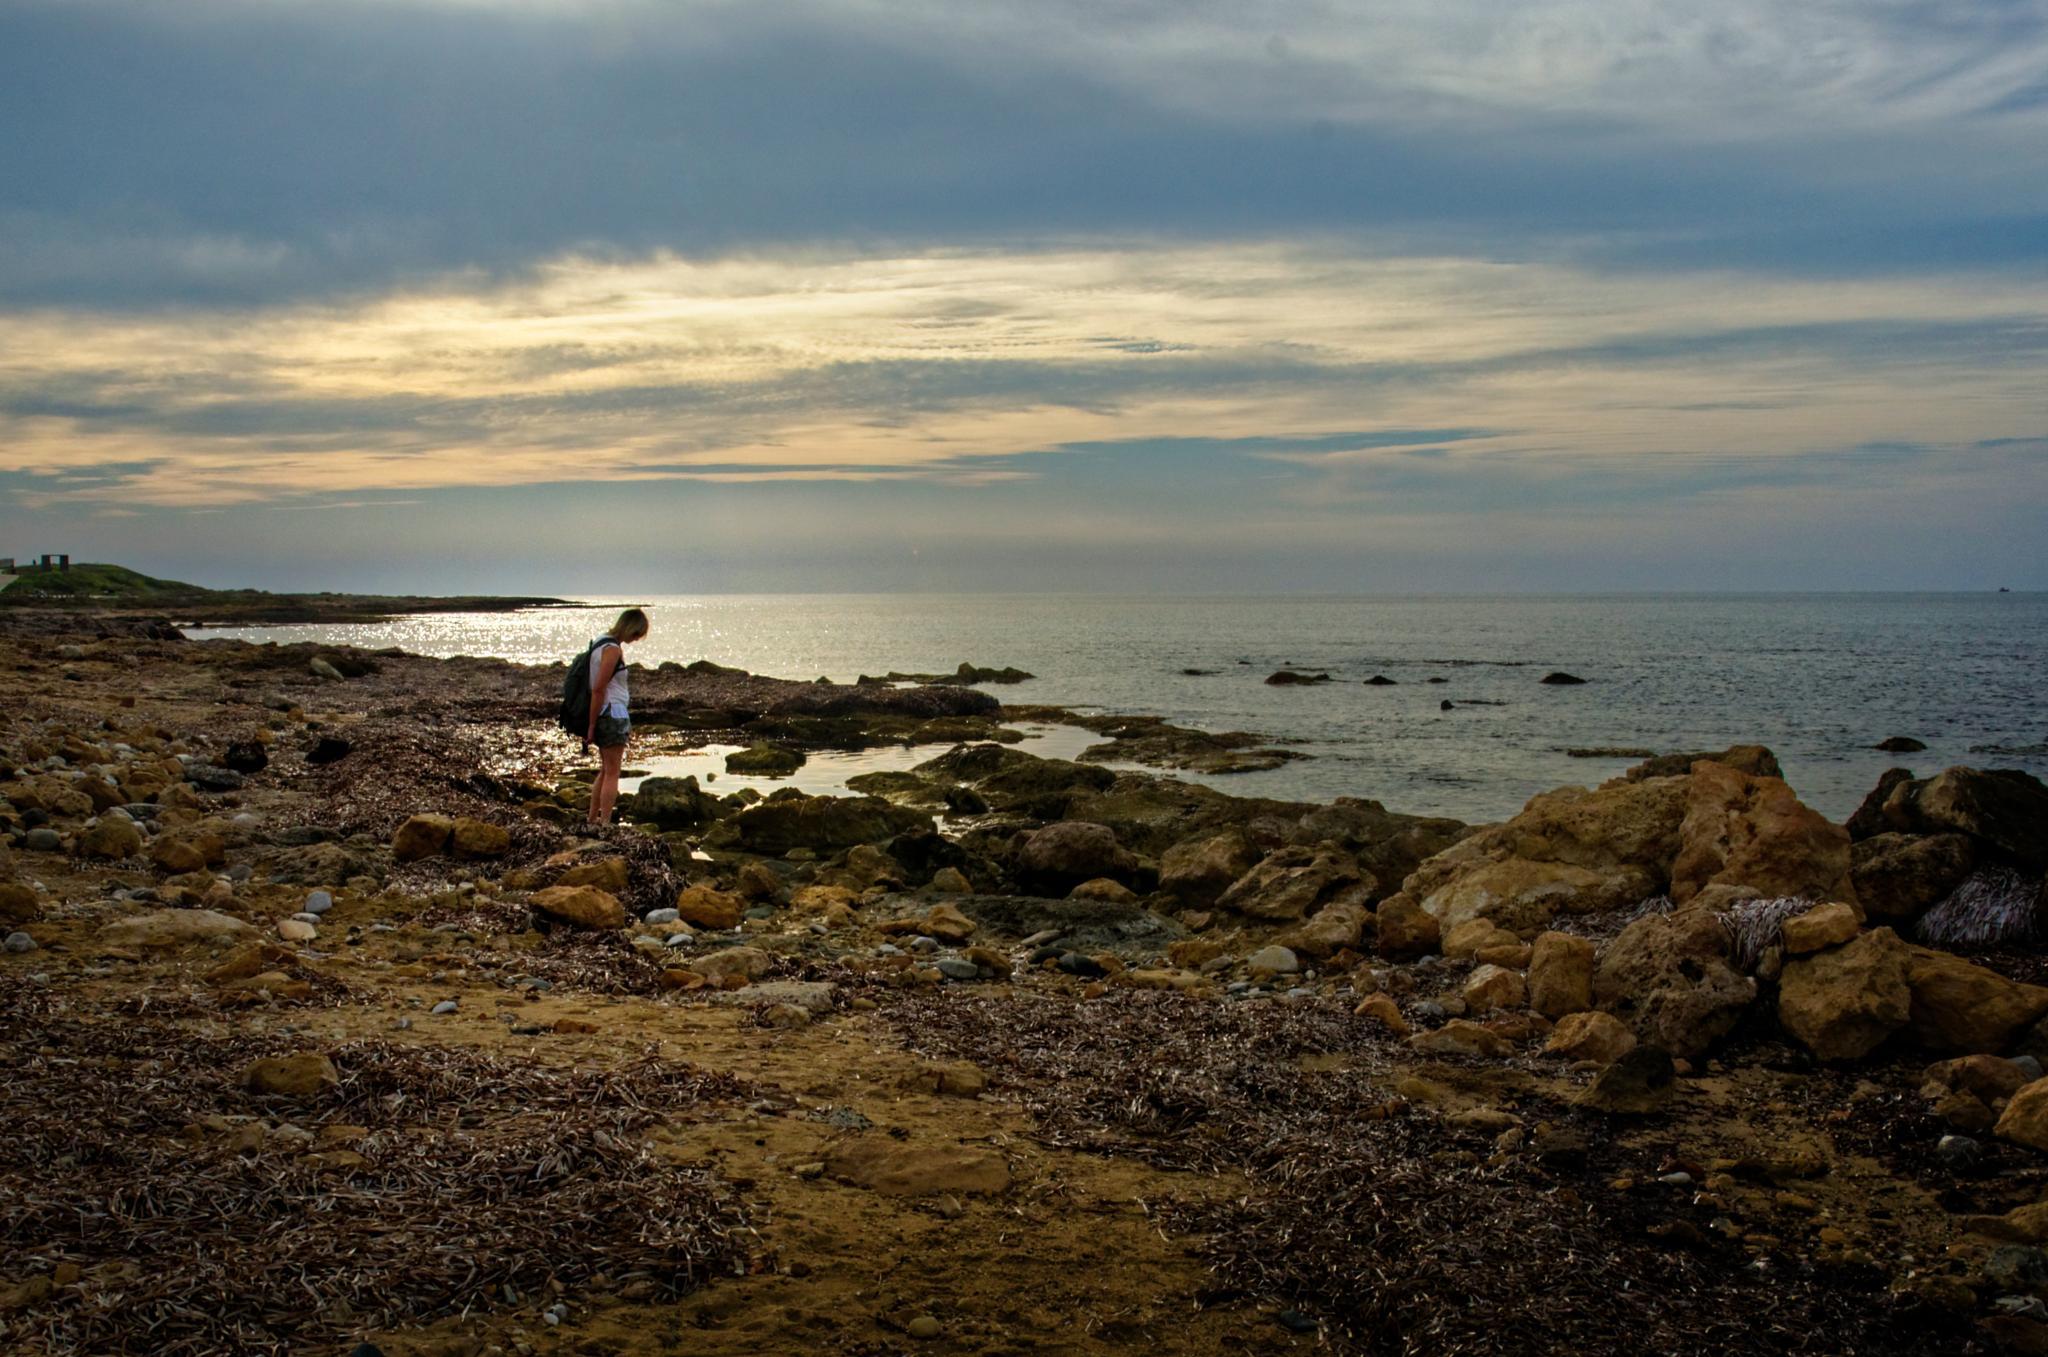 Evening Rockpooling by Tony Bridges